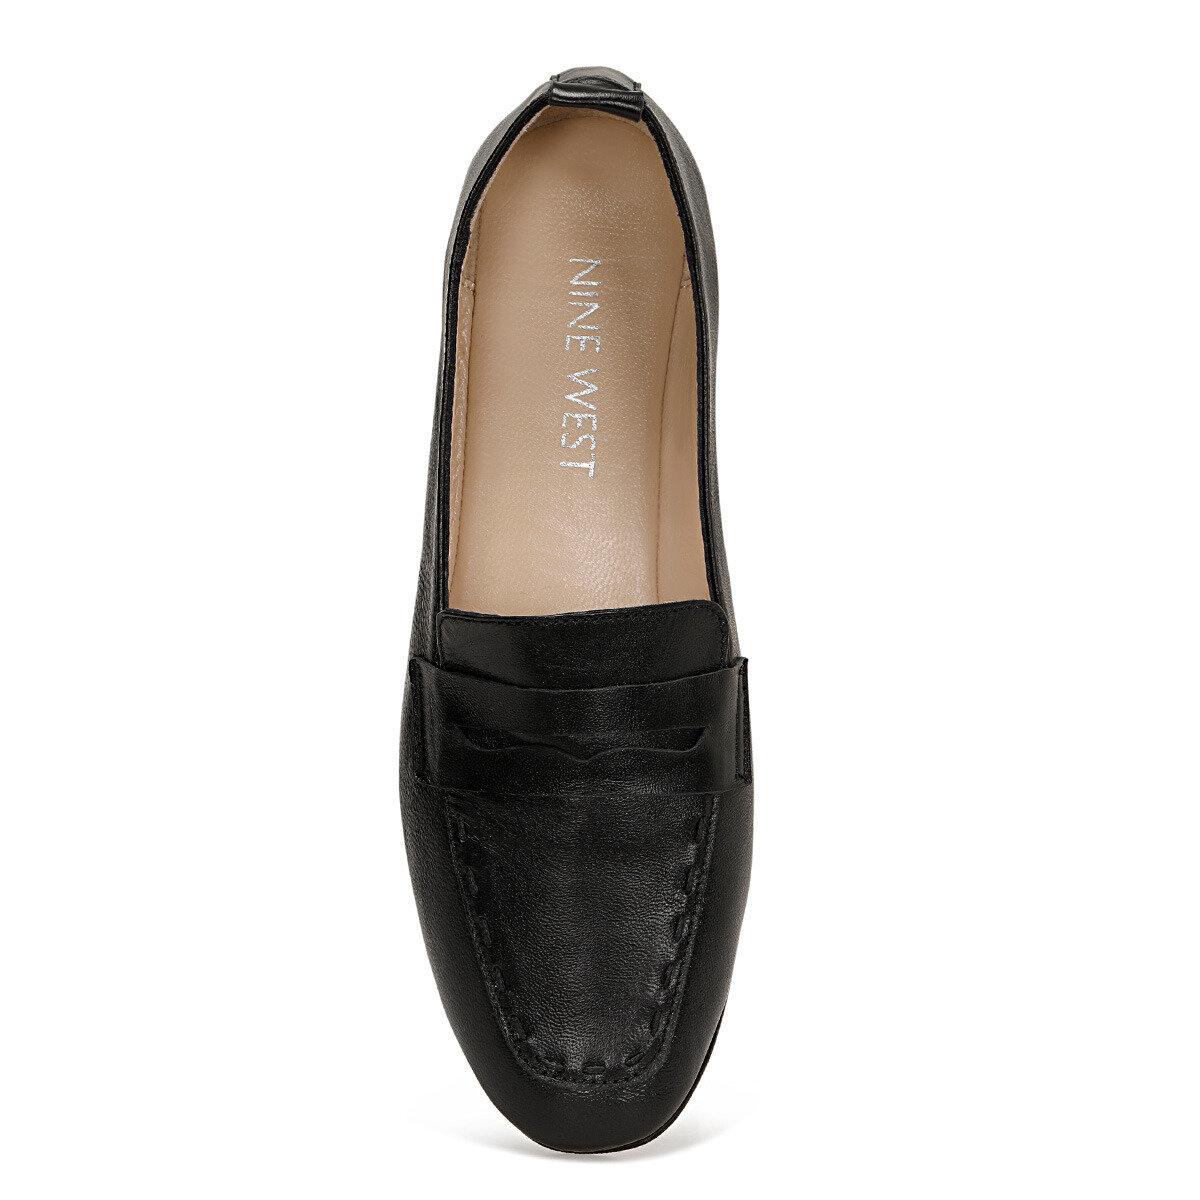 BAILEEN Siyah Kadın Loafer Ayakkabı